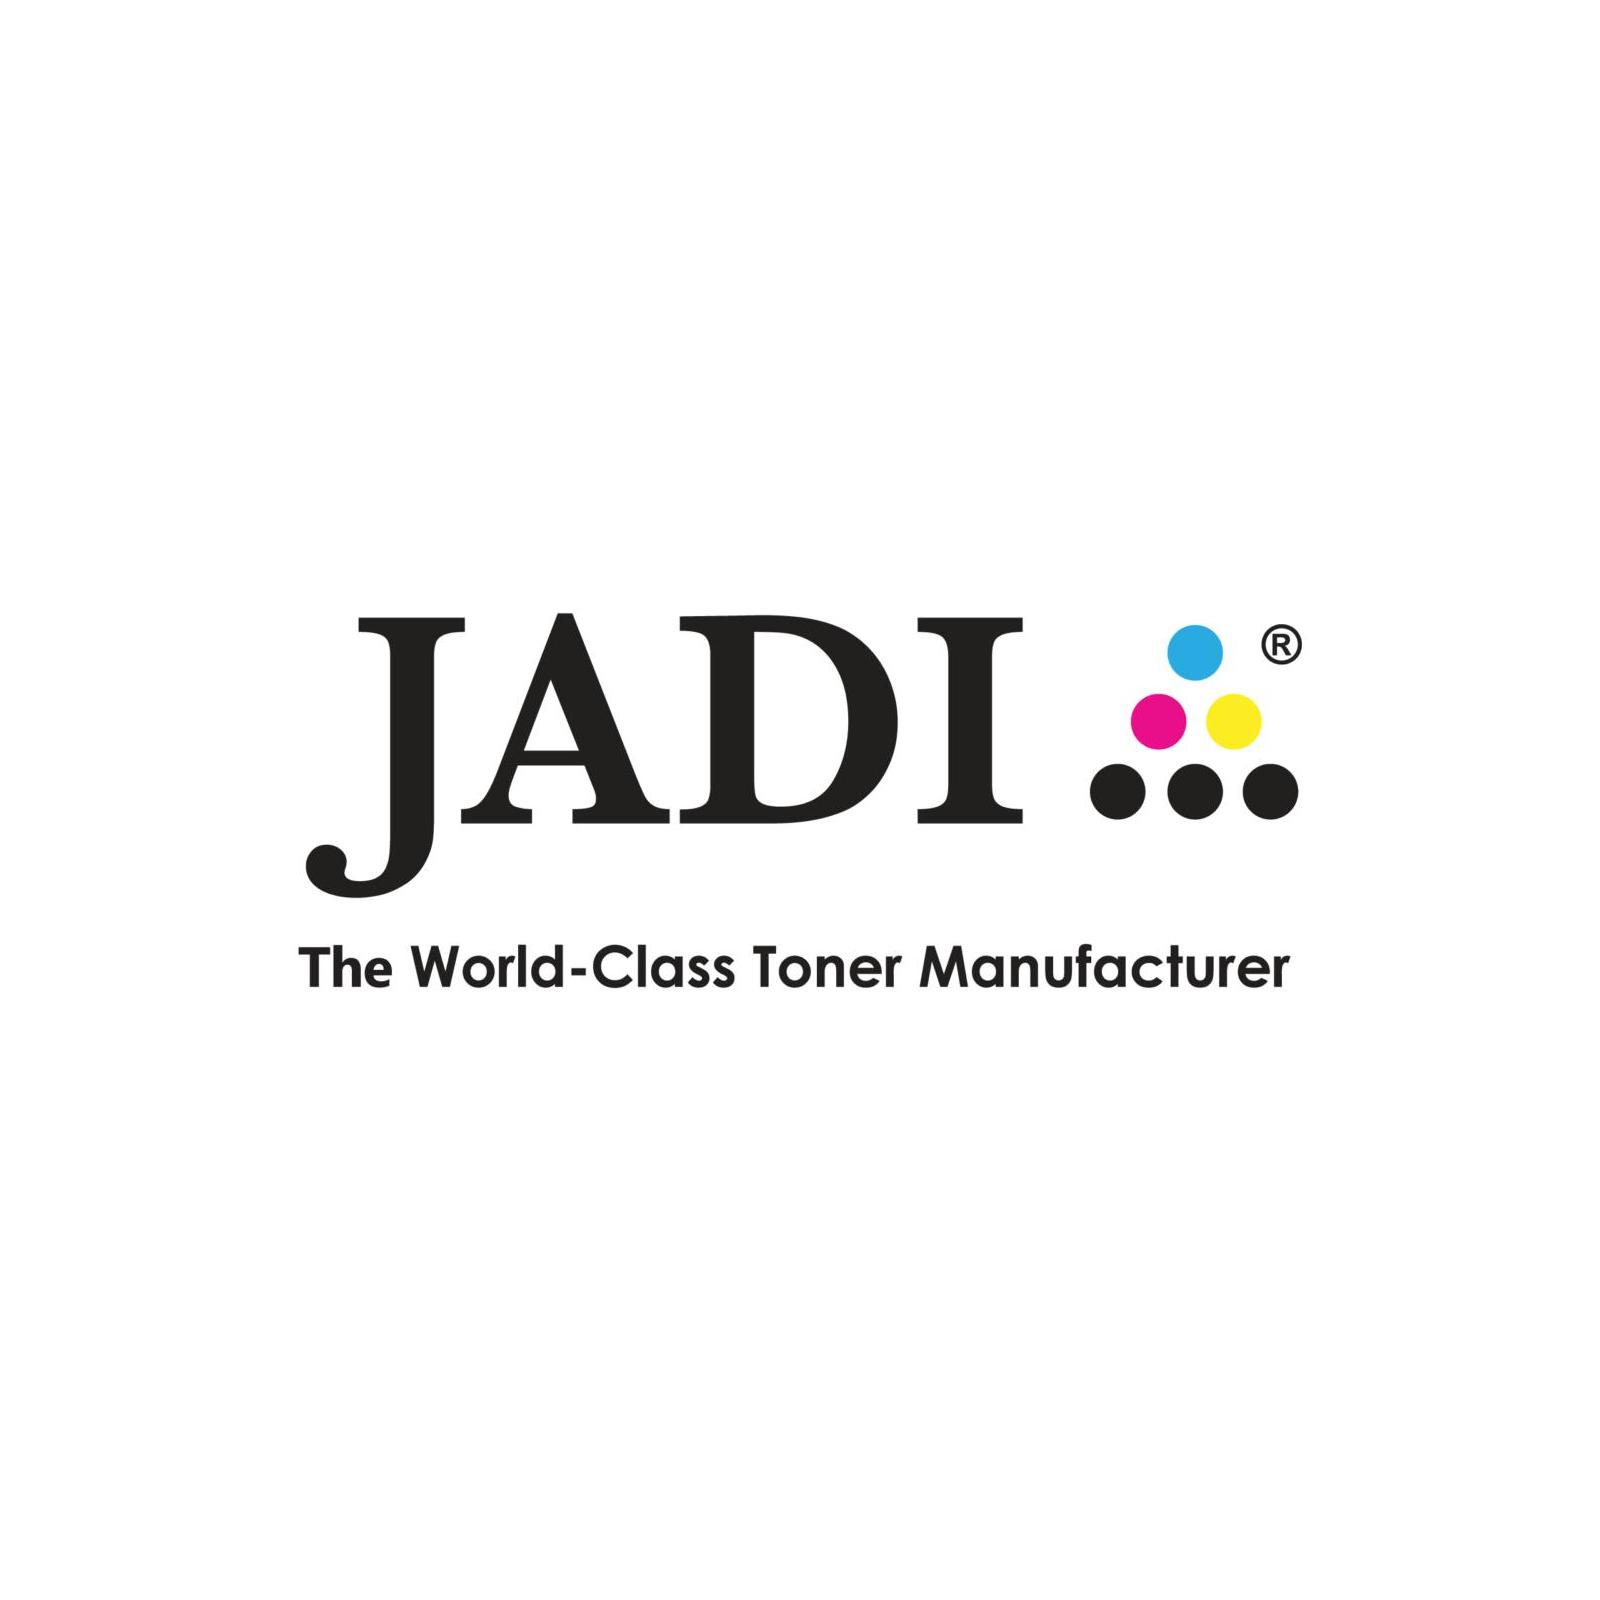 Тонер HP LJ1010/1160/4250/P1005/M402/M604 80г Jadi (TSM-JLT-075-080)